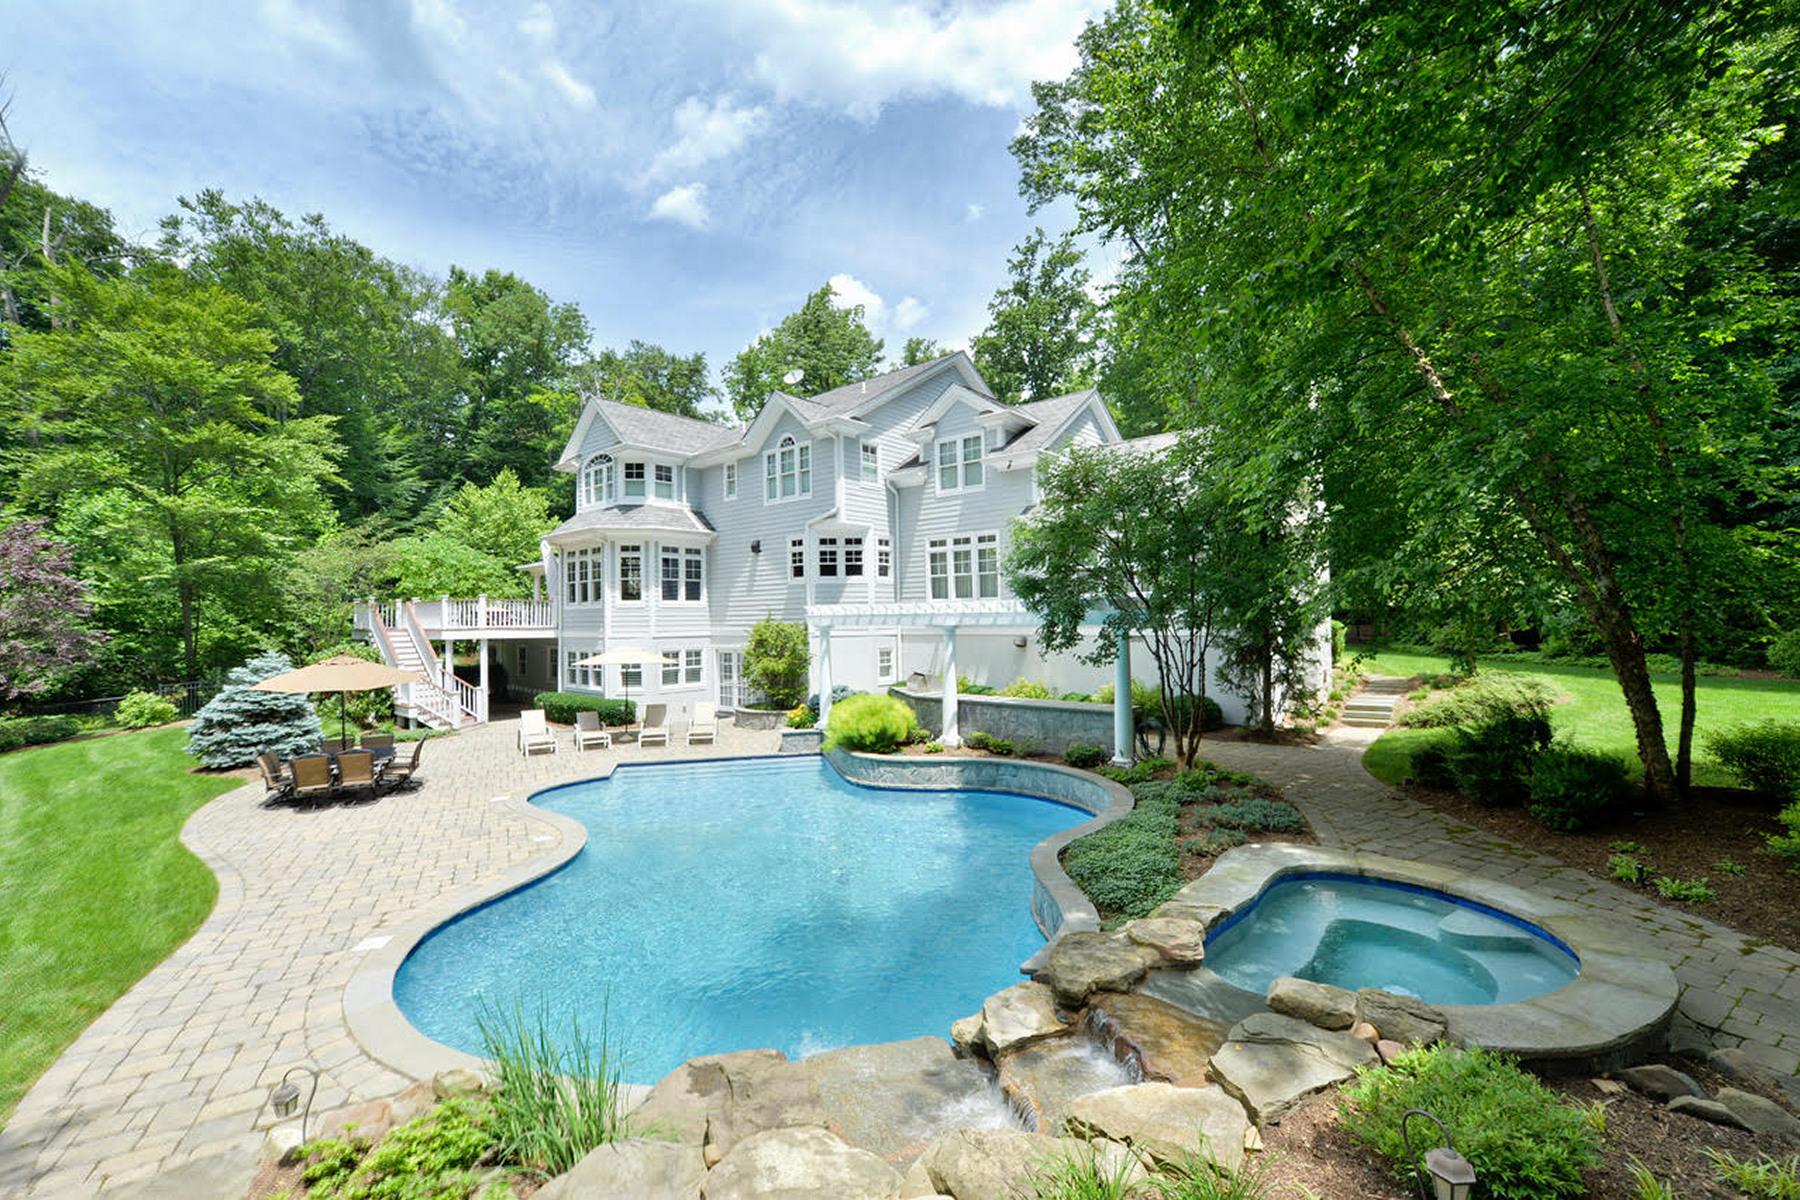 Casa Unifamiliar por un Venta en Sophisticated Country 13 Glenwood Drive, Saddle River, Nueva Jersey, 07458 Estados Unidos